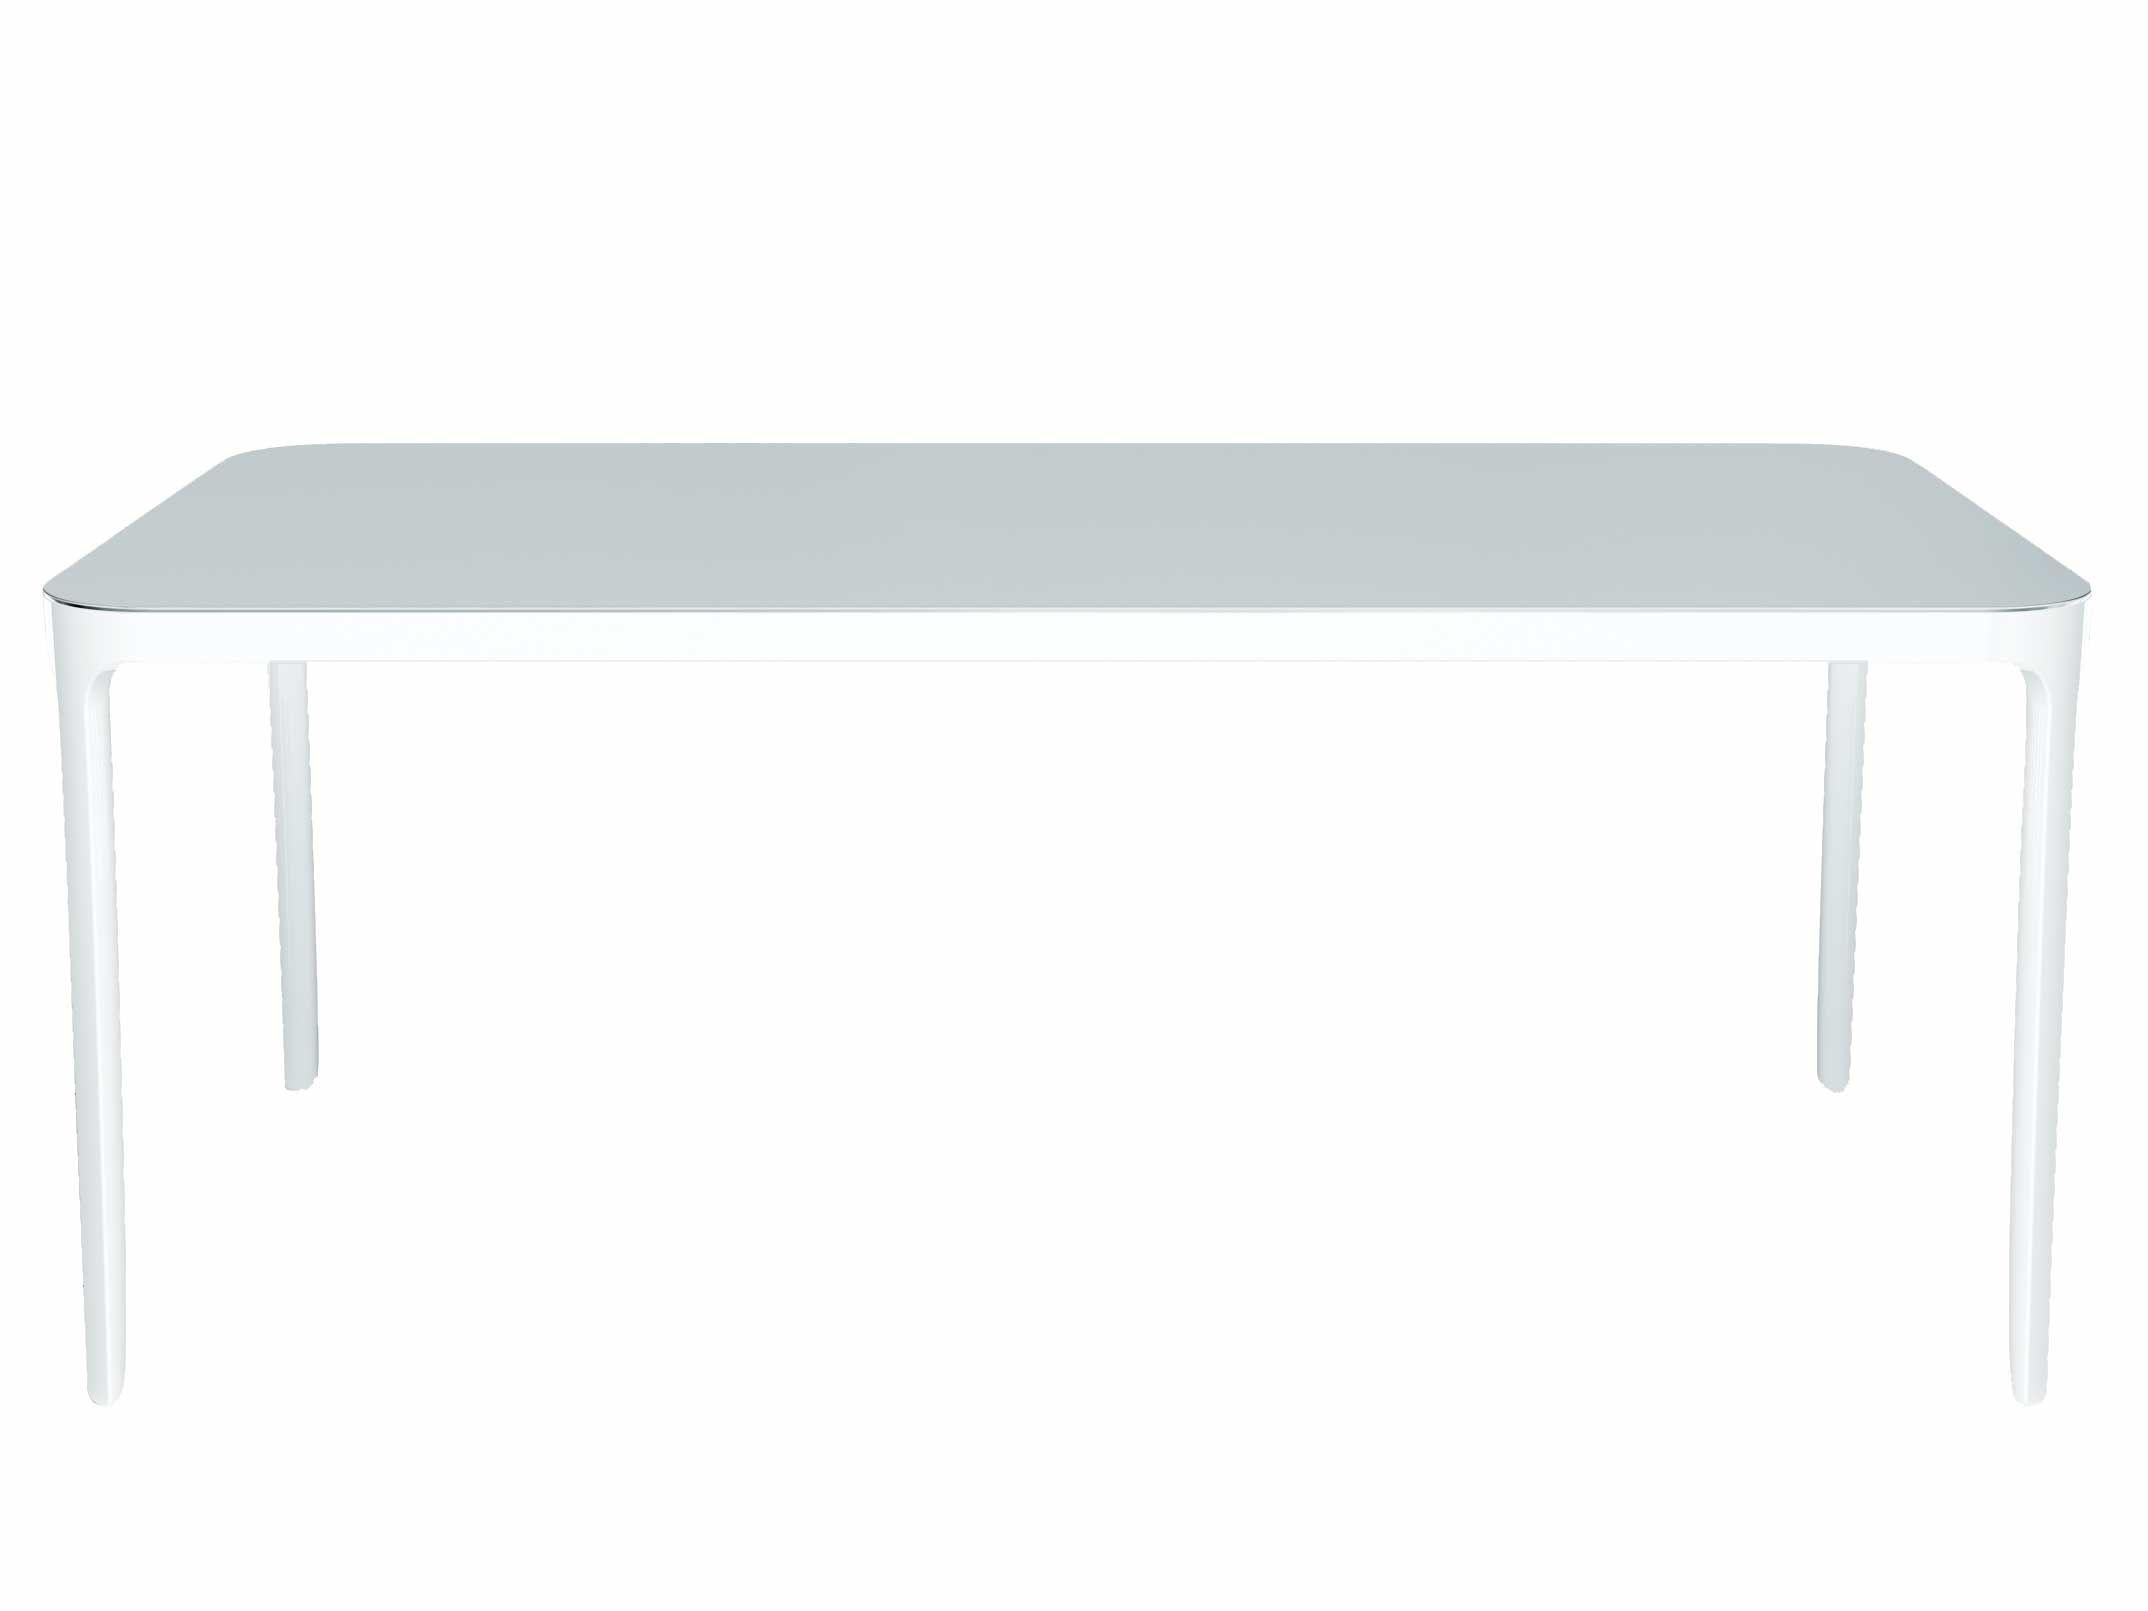 Arredamento - Tavoli - Tavolo rettangolare Vanity - Rettangolare - 140 x 80 cm di Magis - Bianco  - 140 x 80 cm - alluminio verniciato, Vetro verniciato